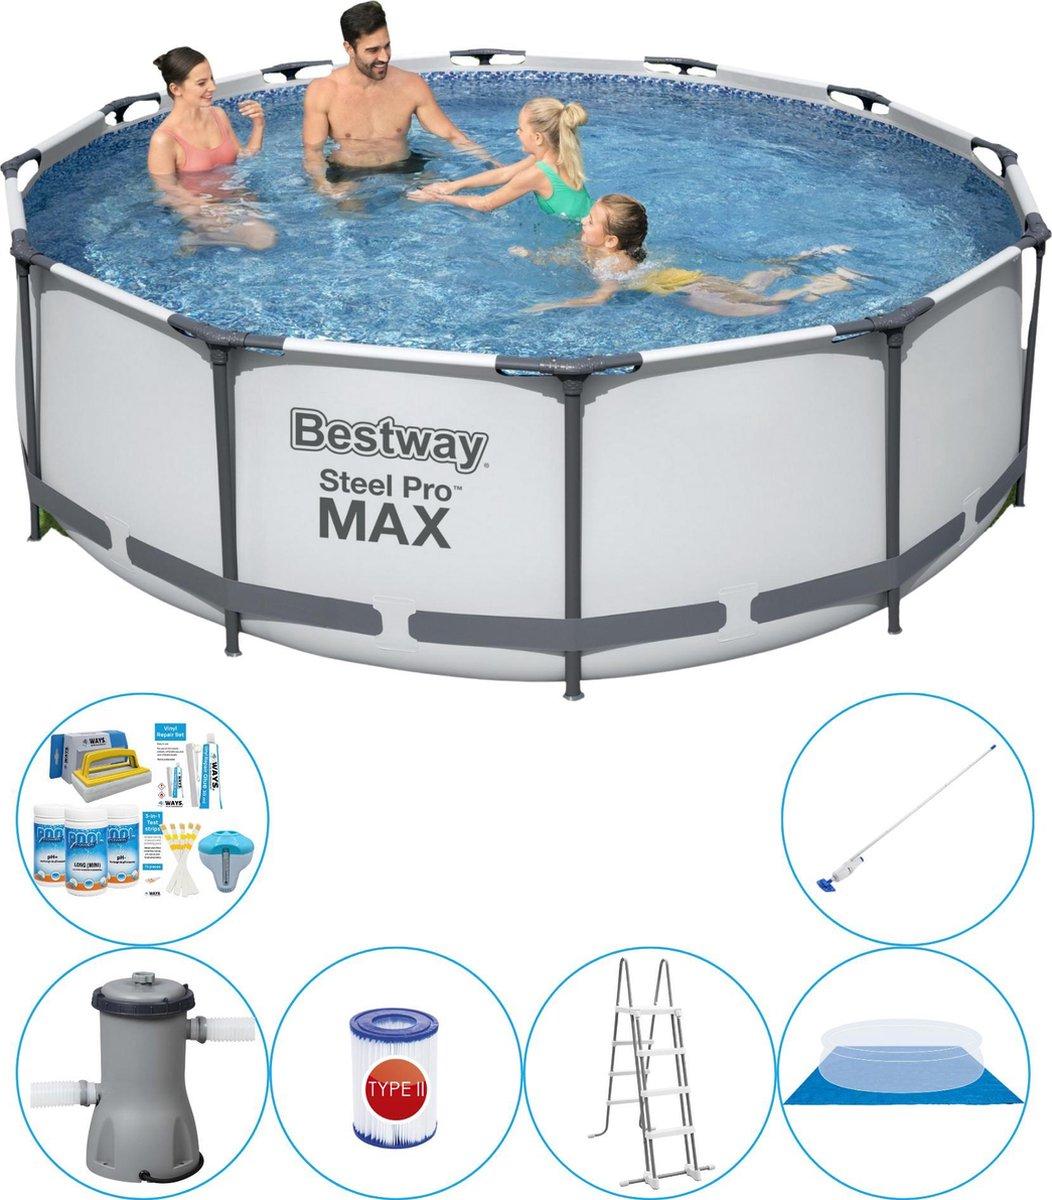 Bestway Steel Pro MAX Rond 366x100 cm - 7-delig - Zwembad Super Deal